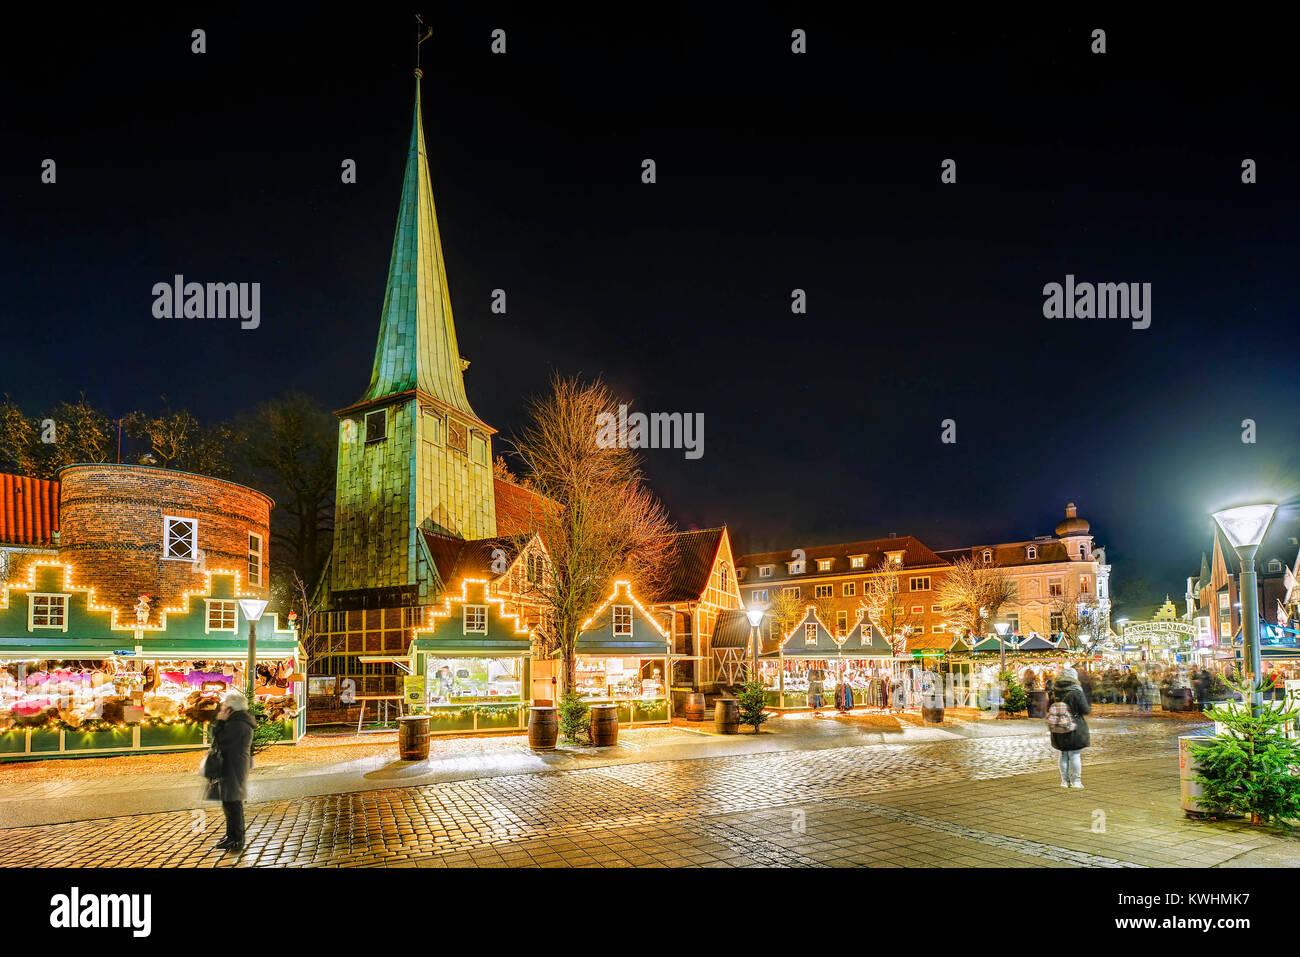 Hamburg Weihnachtsmarkt 2019.Weihnachtsmarkt In Bergdorf Hamburg Deutschland Europa